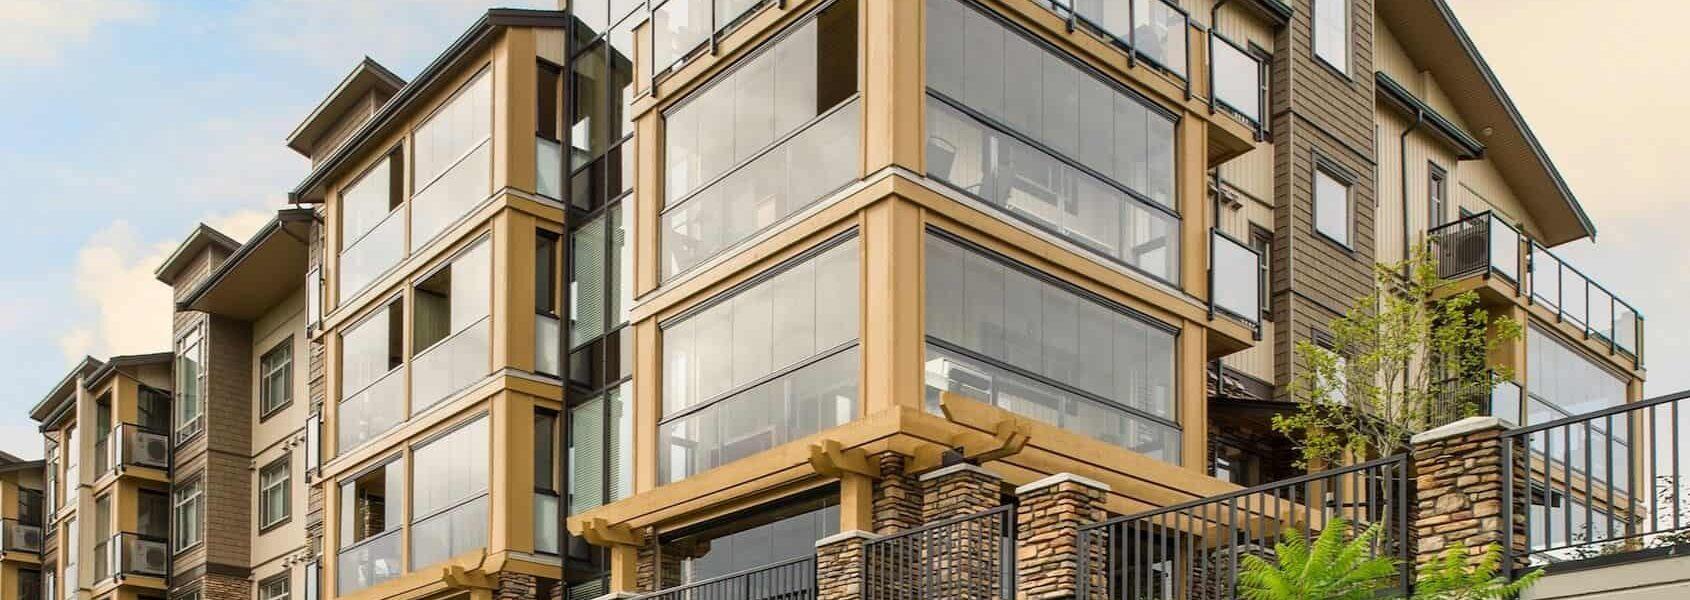 szklane zabudowy tarasów Lumon